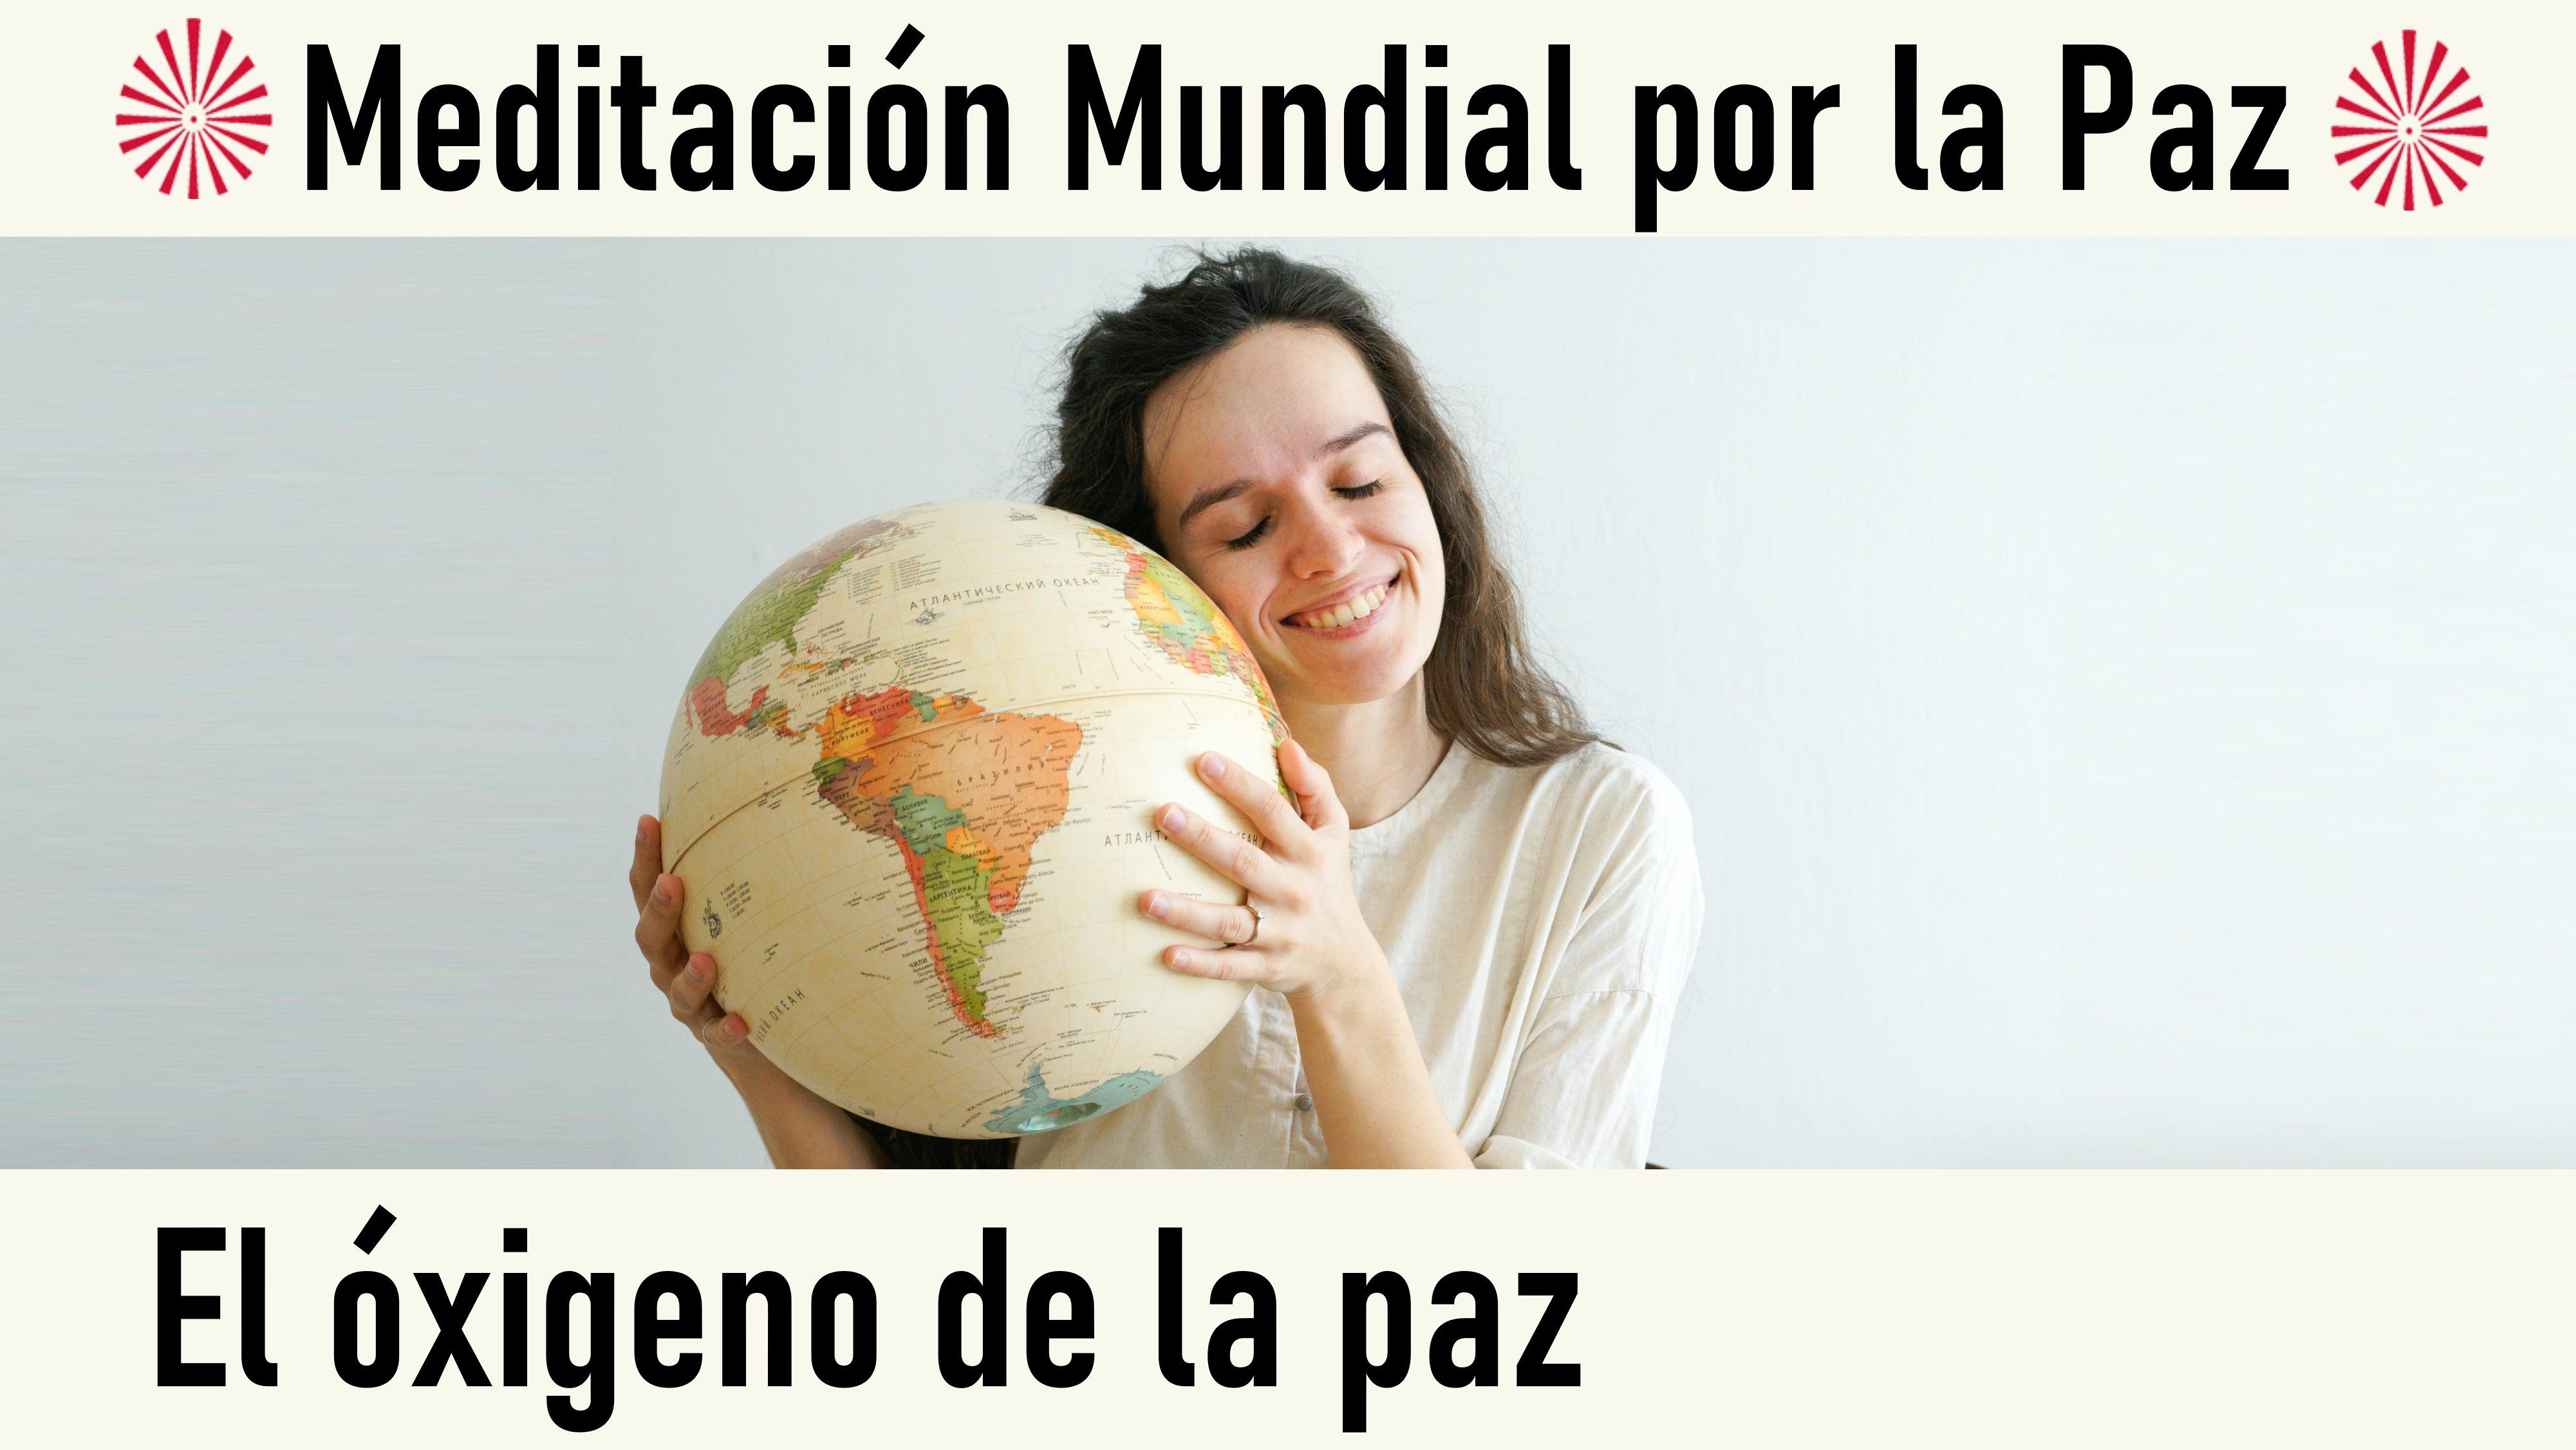 Meditación mundial por la Paz: El oxígeno de la Paz (20 Septiembre 2020) On-line desde Sevilla